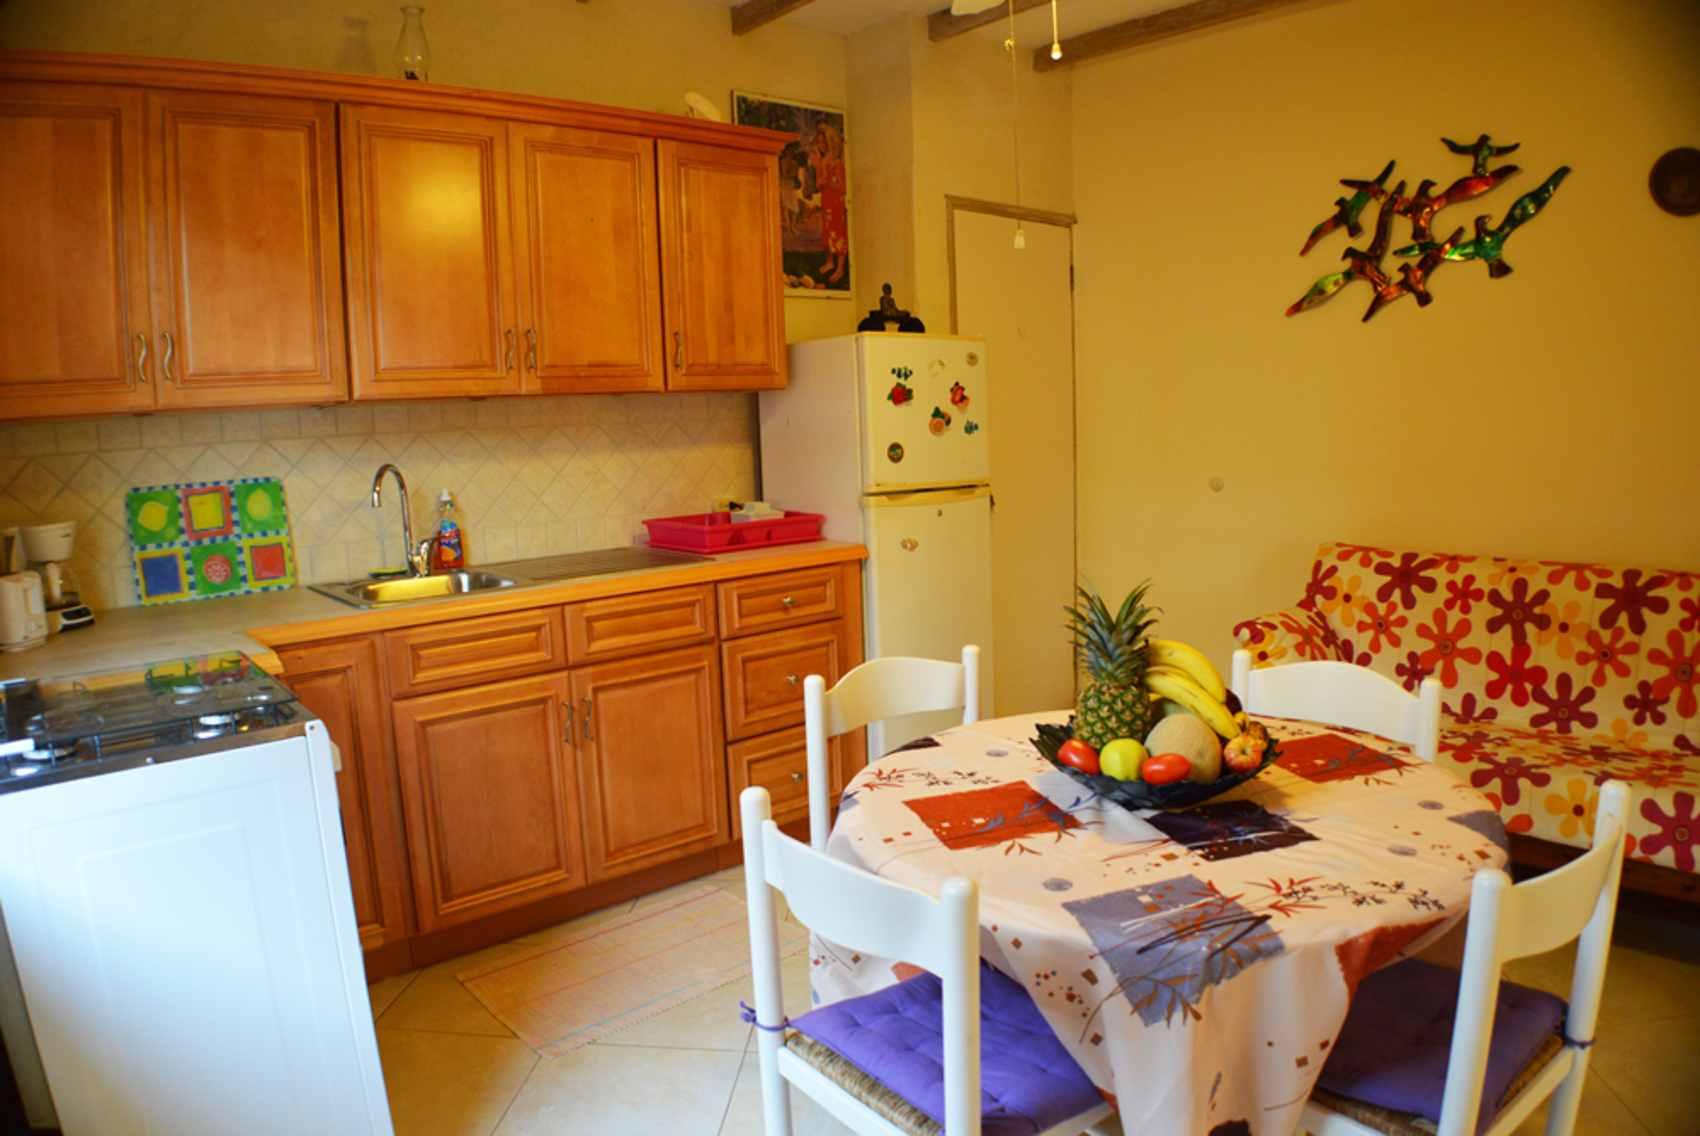 kitchenyb